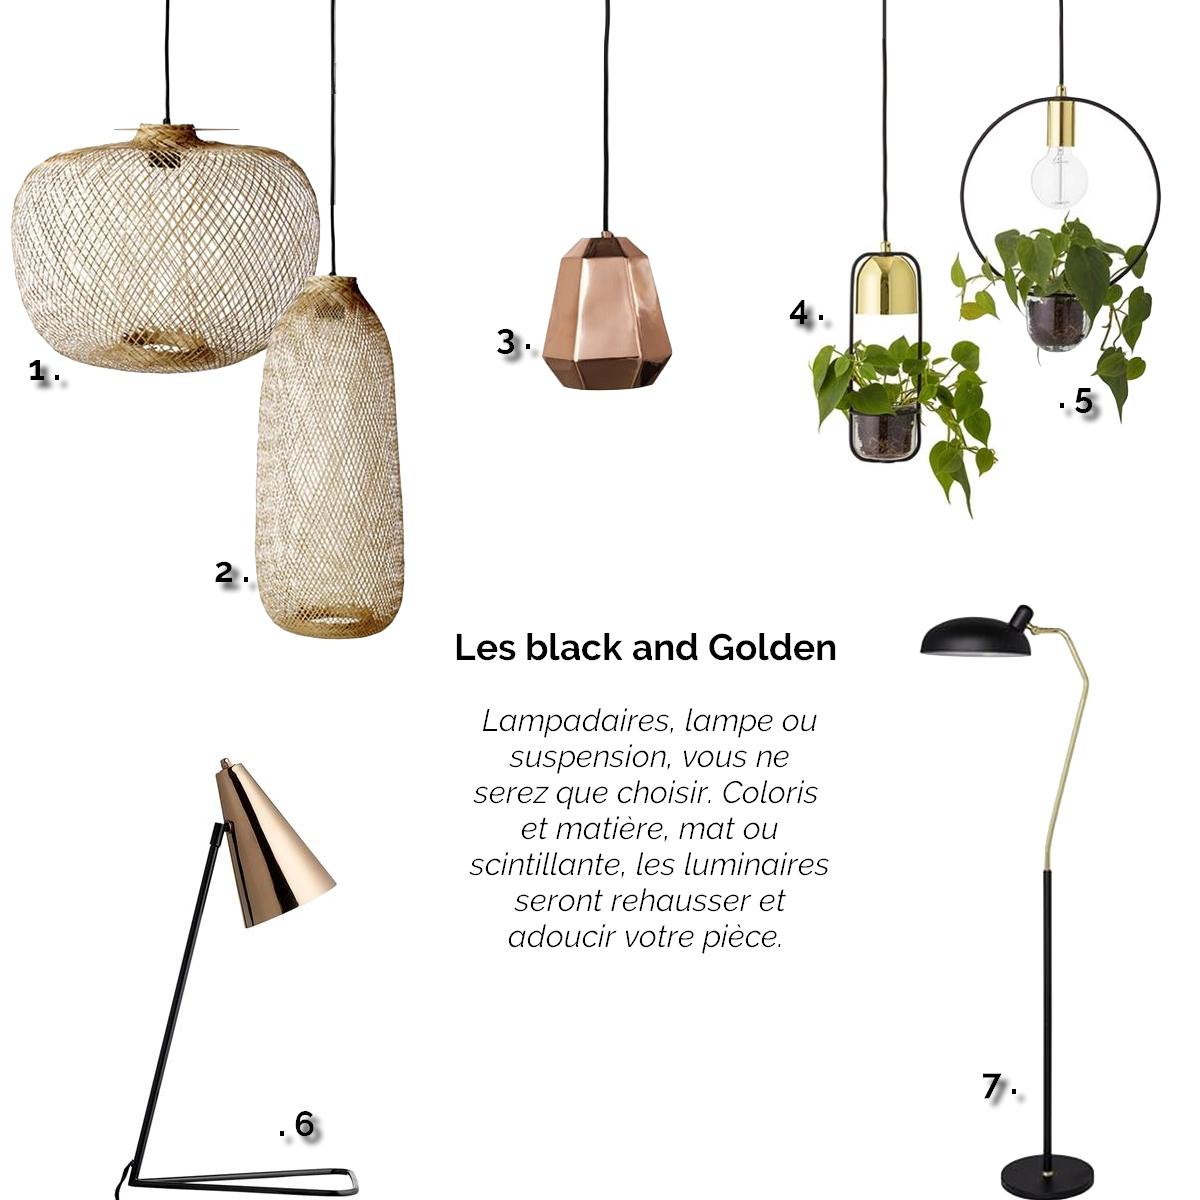 lampe, suspension, lampadaire, rotin, cuivre, dorée, plantes, métal, bloomingville, design